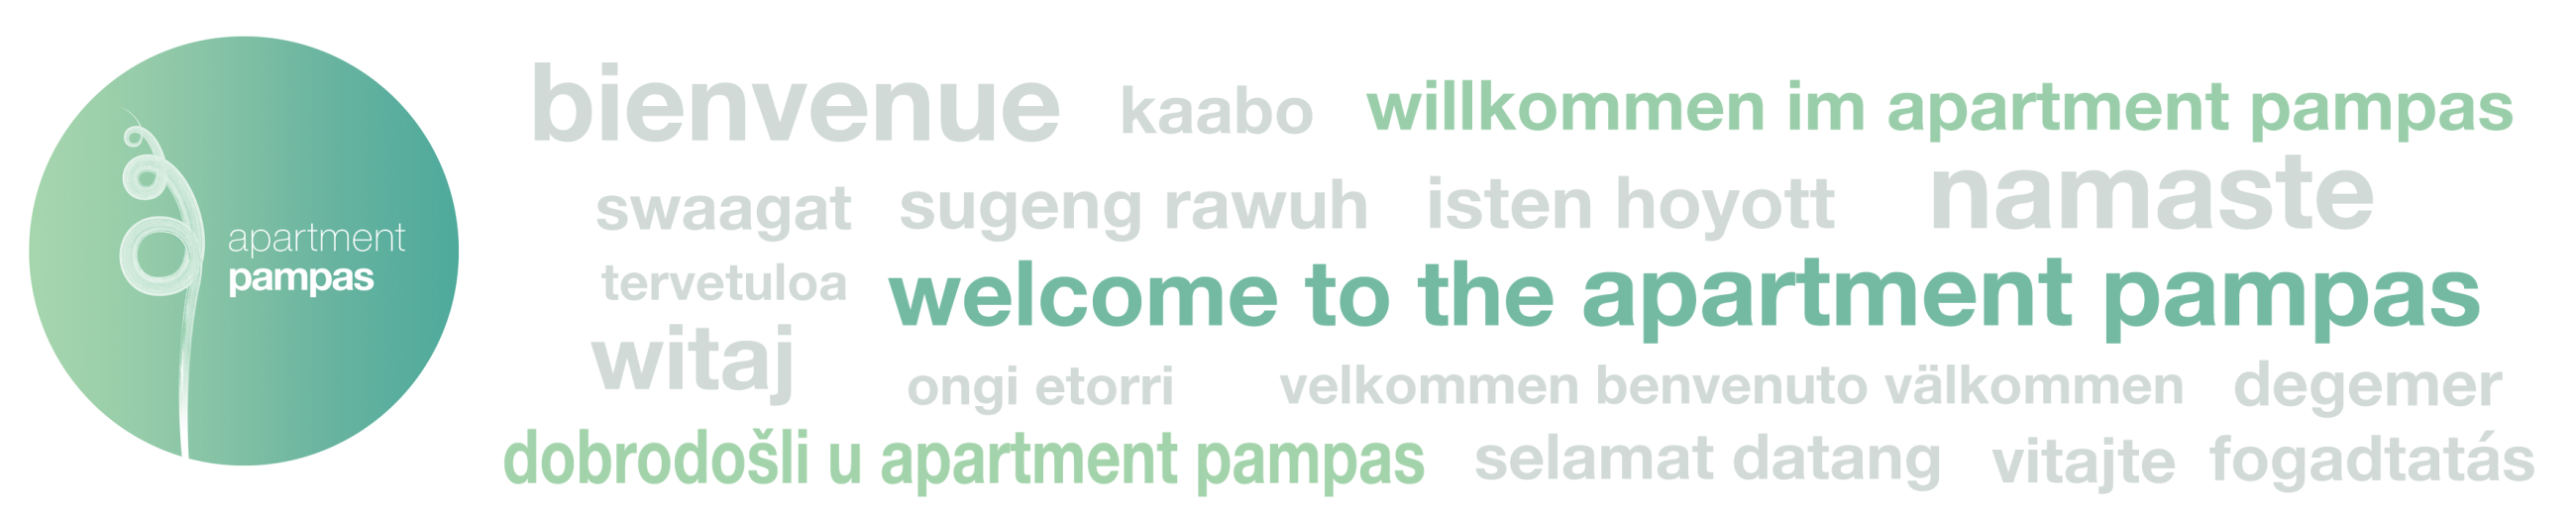 welcome to the apartment pampas, dobrodošli, willkommen, witaj, namaste, vitajte